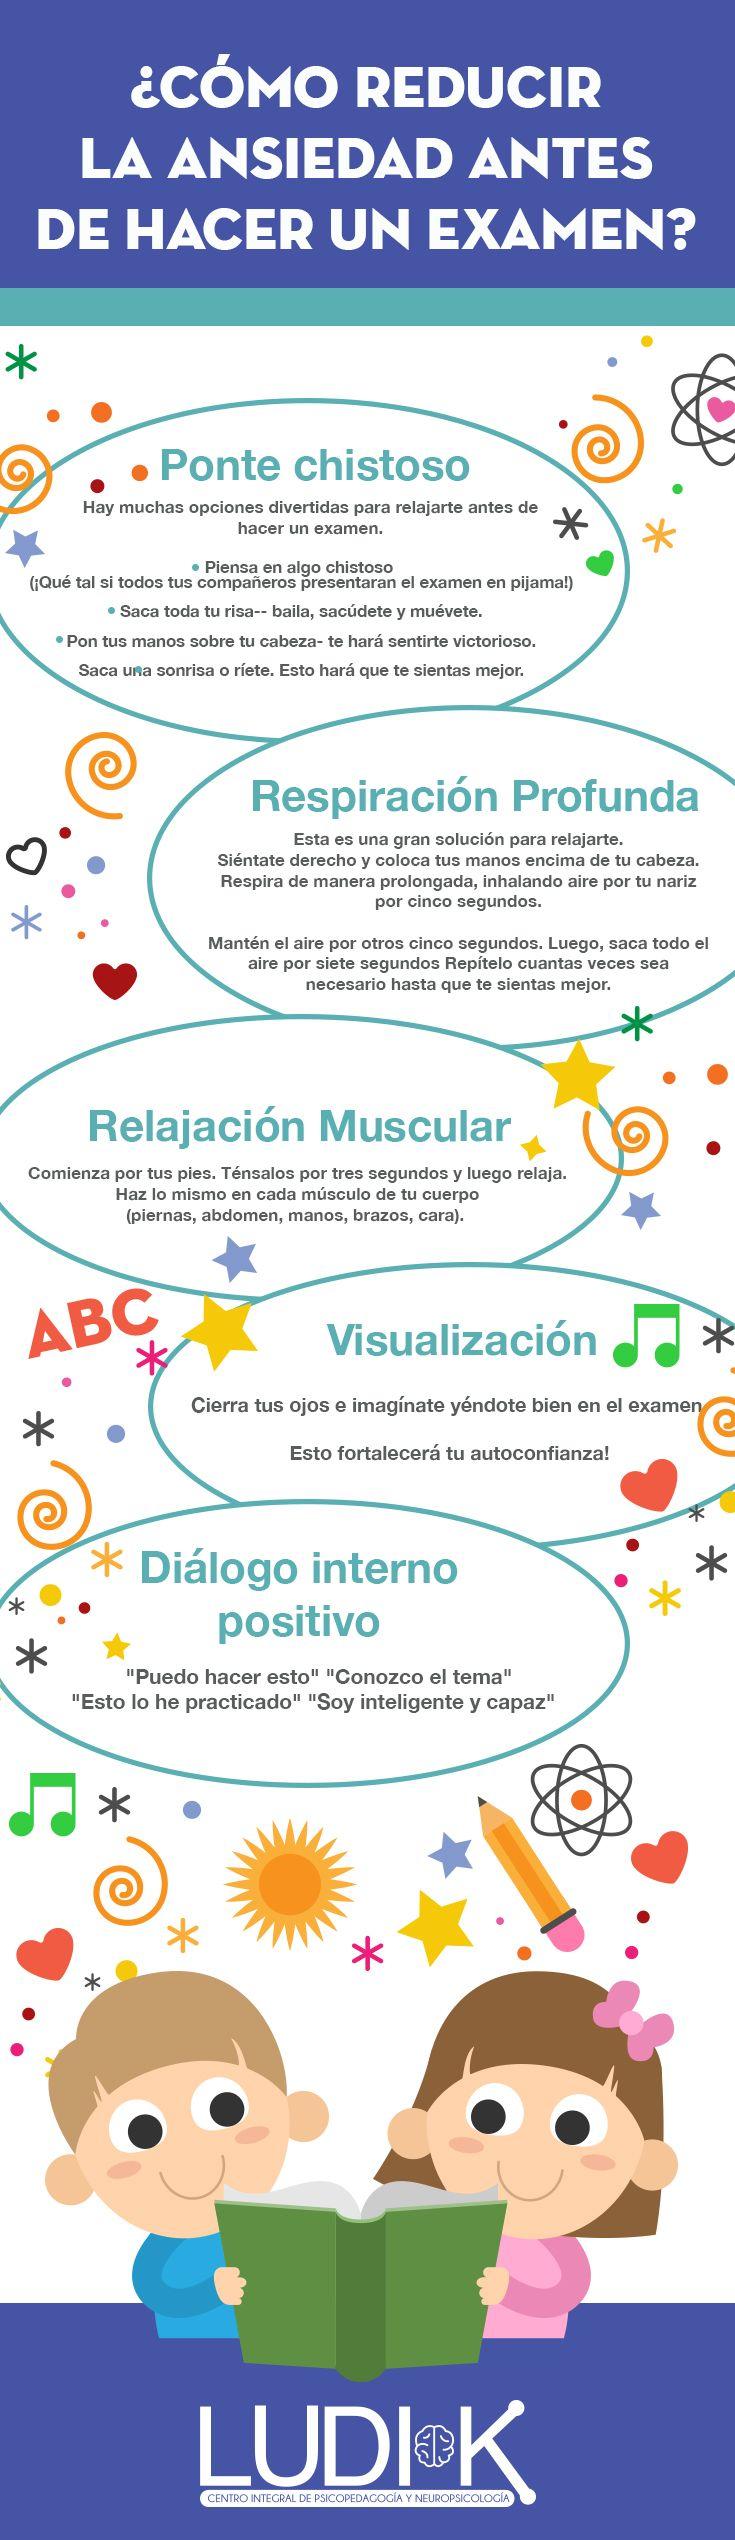 #ansiedad #ludik #psicologia #psicoterapia #emociones #niños